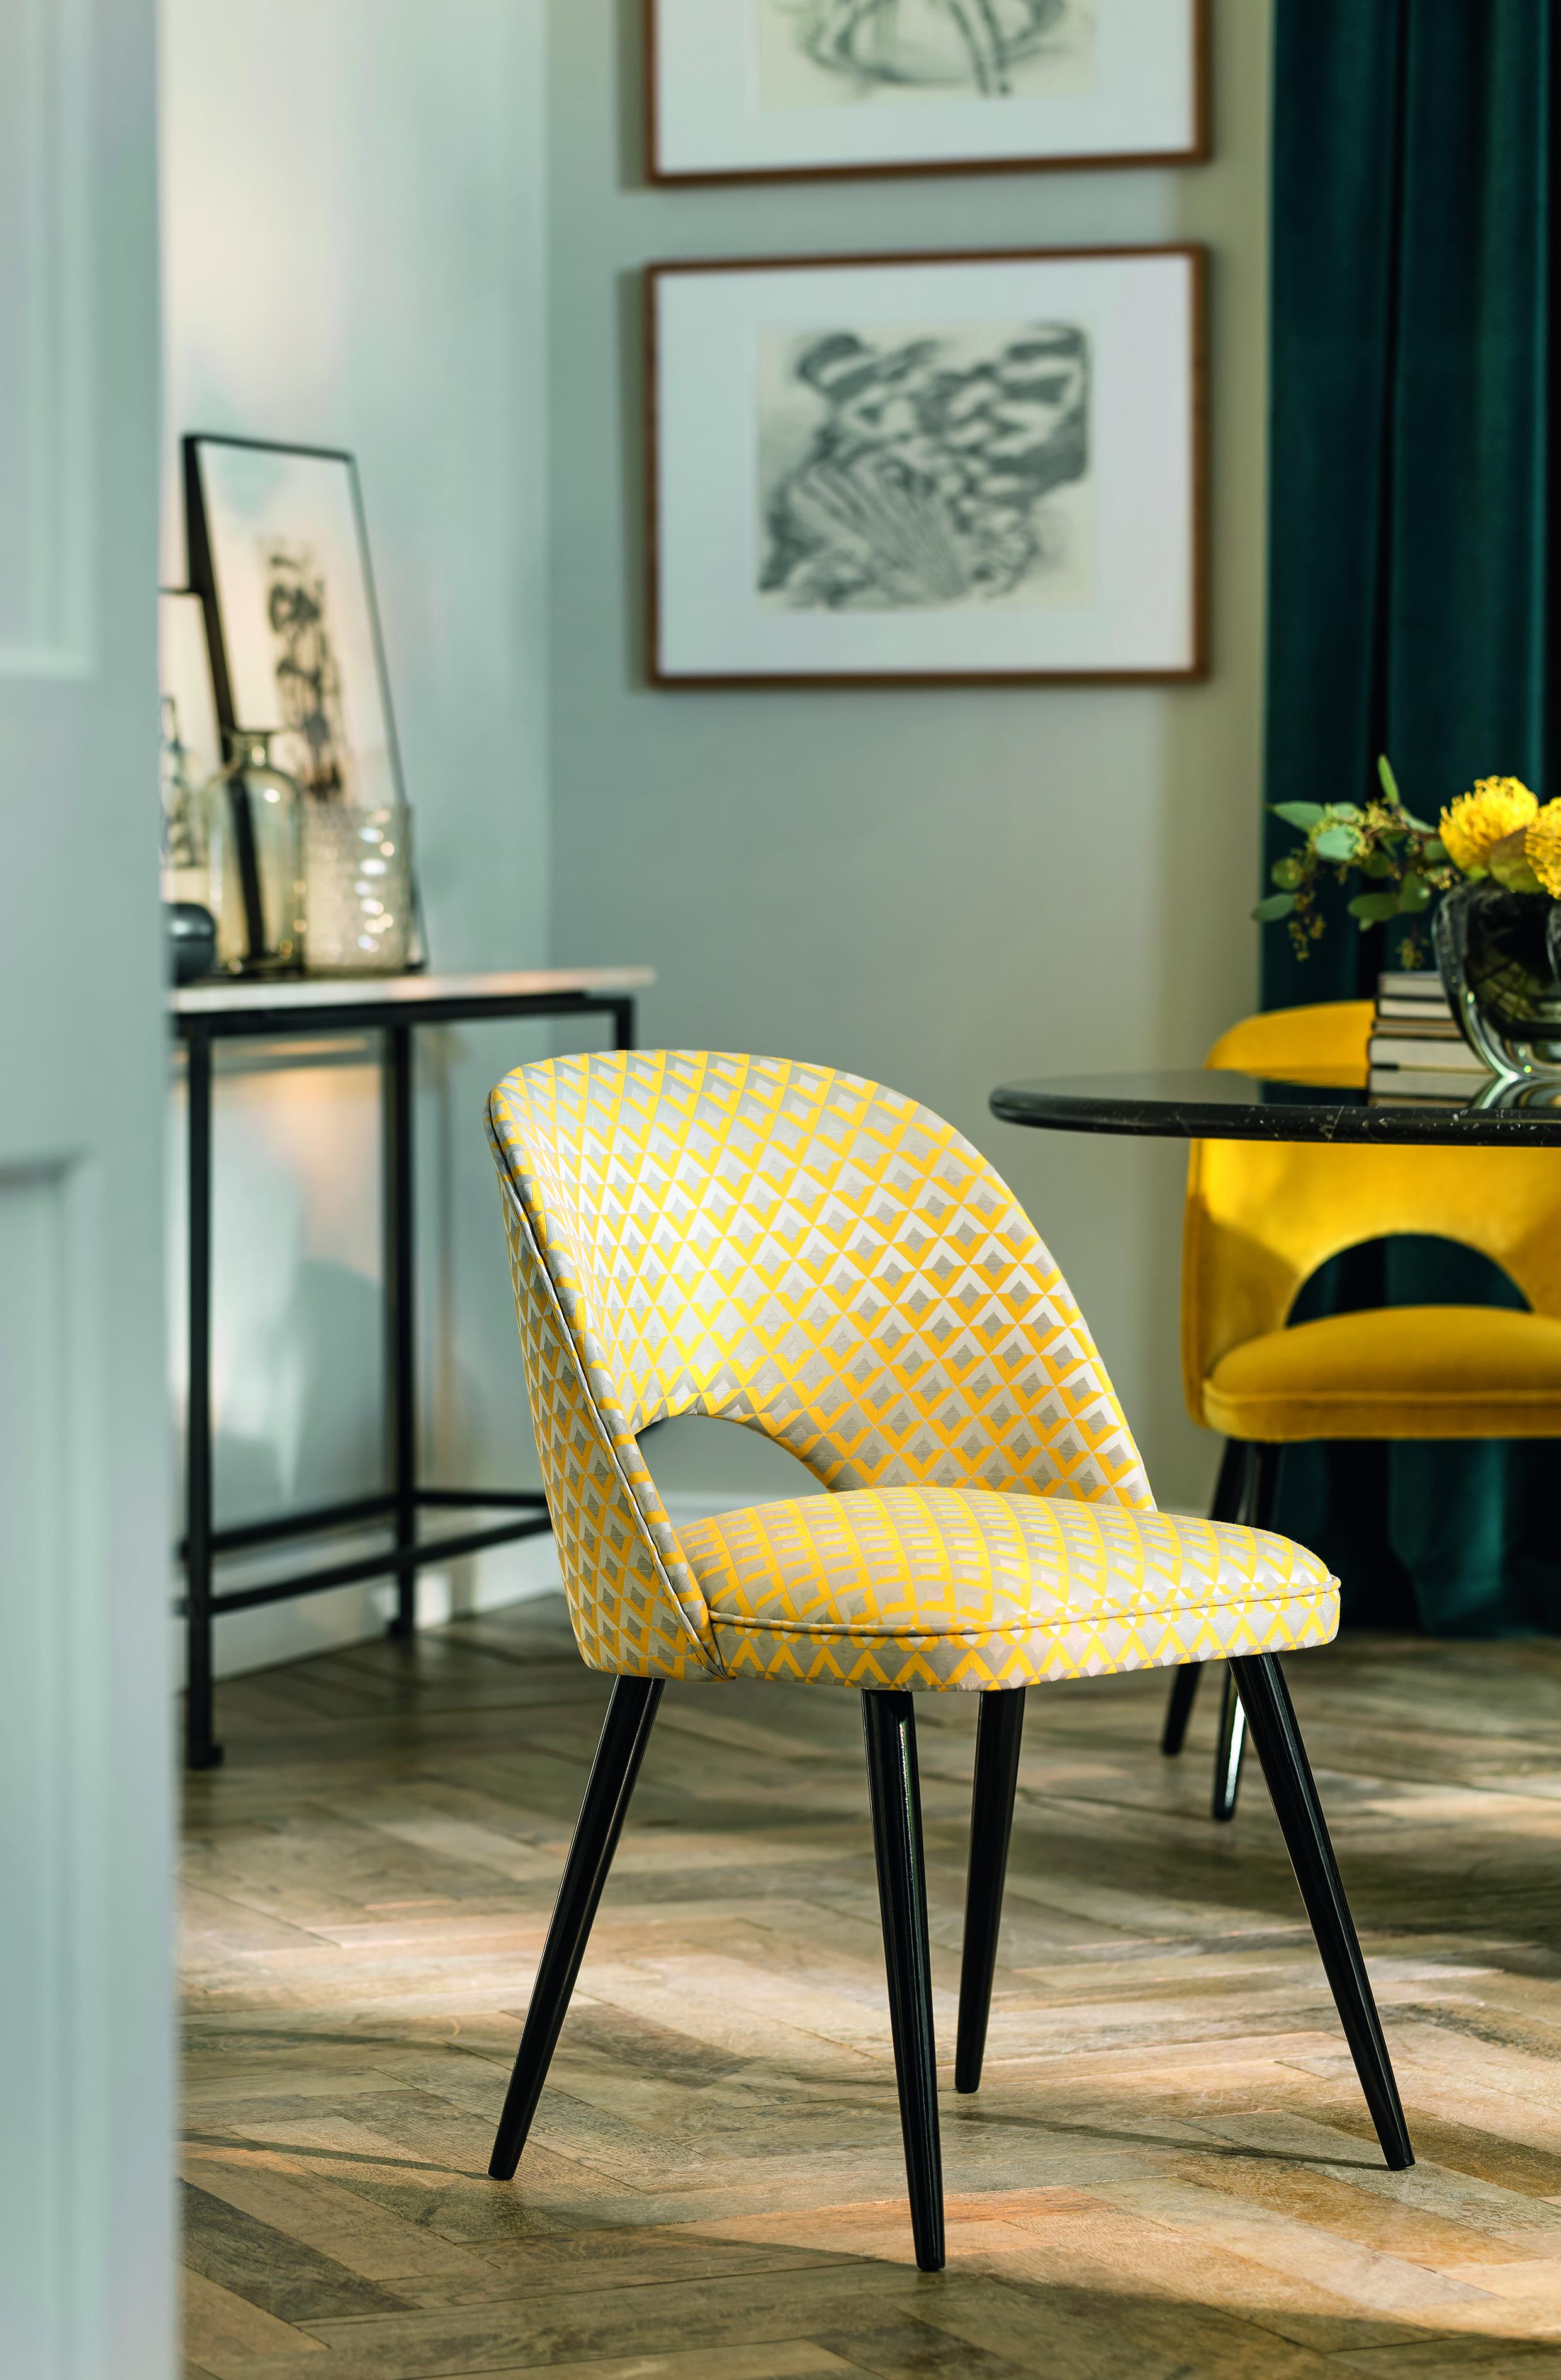 superb einfache dekoration und mobel gib dir stoff #4: Foto: Sahco #GibDirStoff